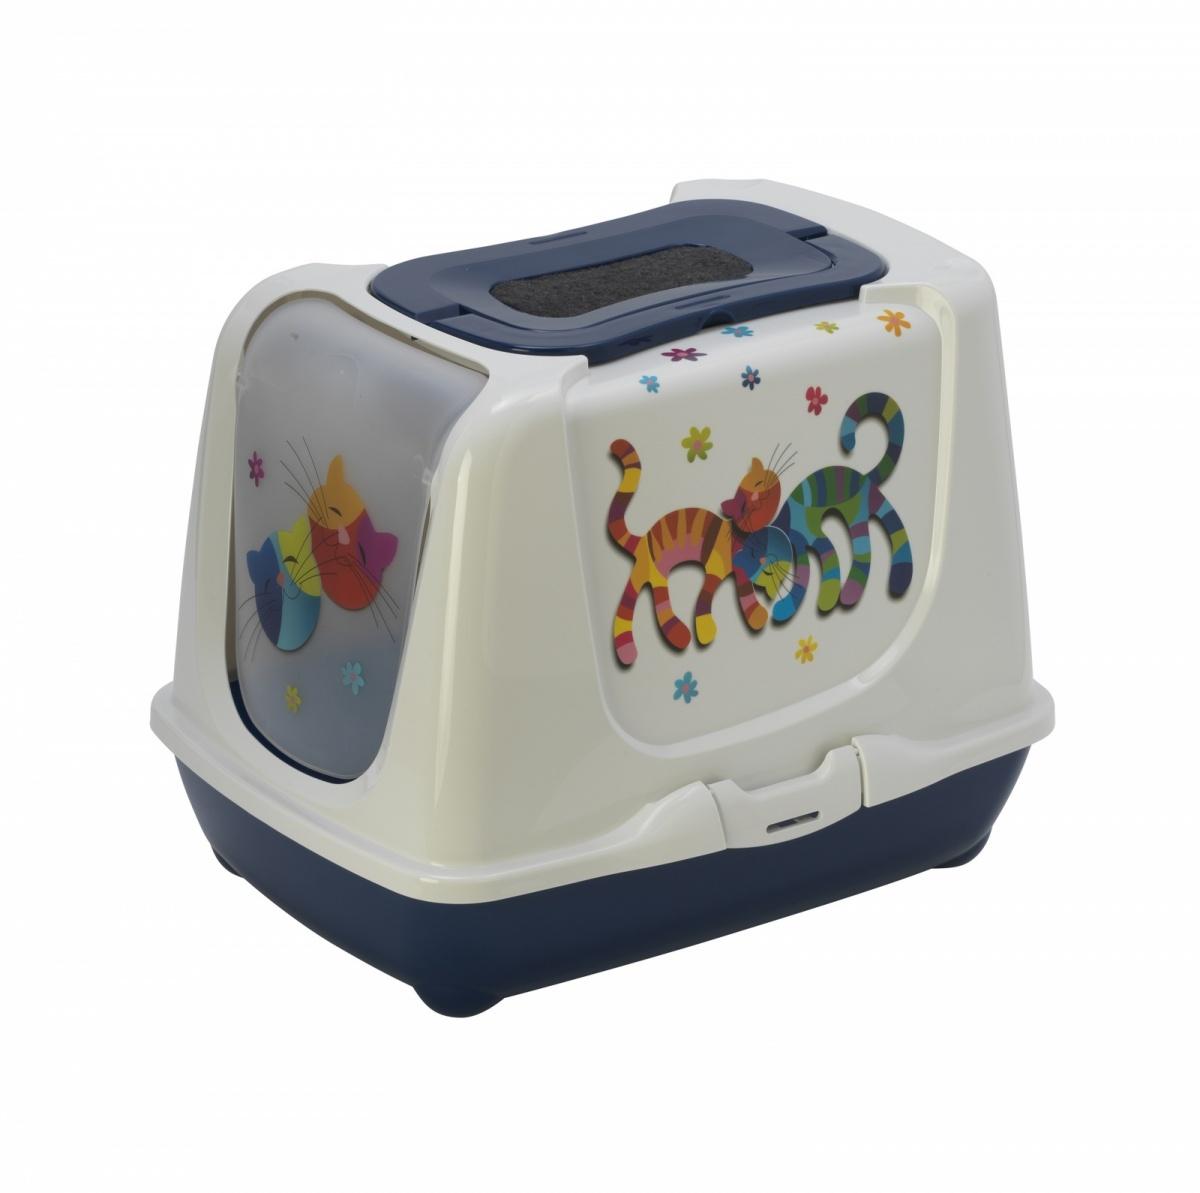 20497/С235-331 MODERNA Trendy Cat Туалет-домик для кошек с фильтром и совком 50x39.5x37.5 см черничный